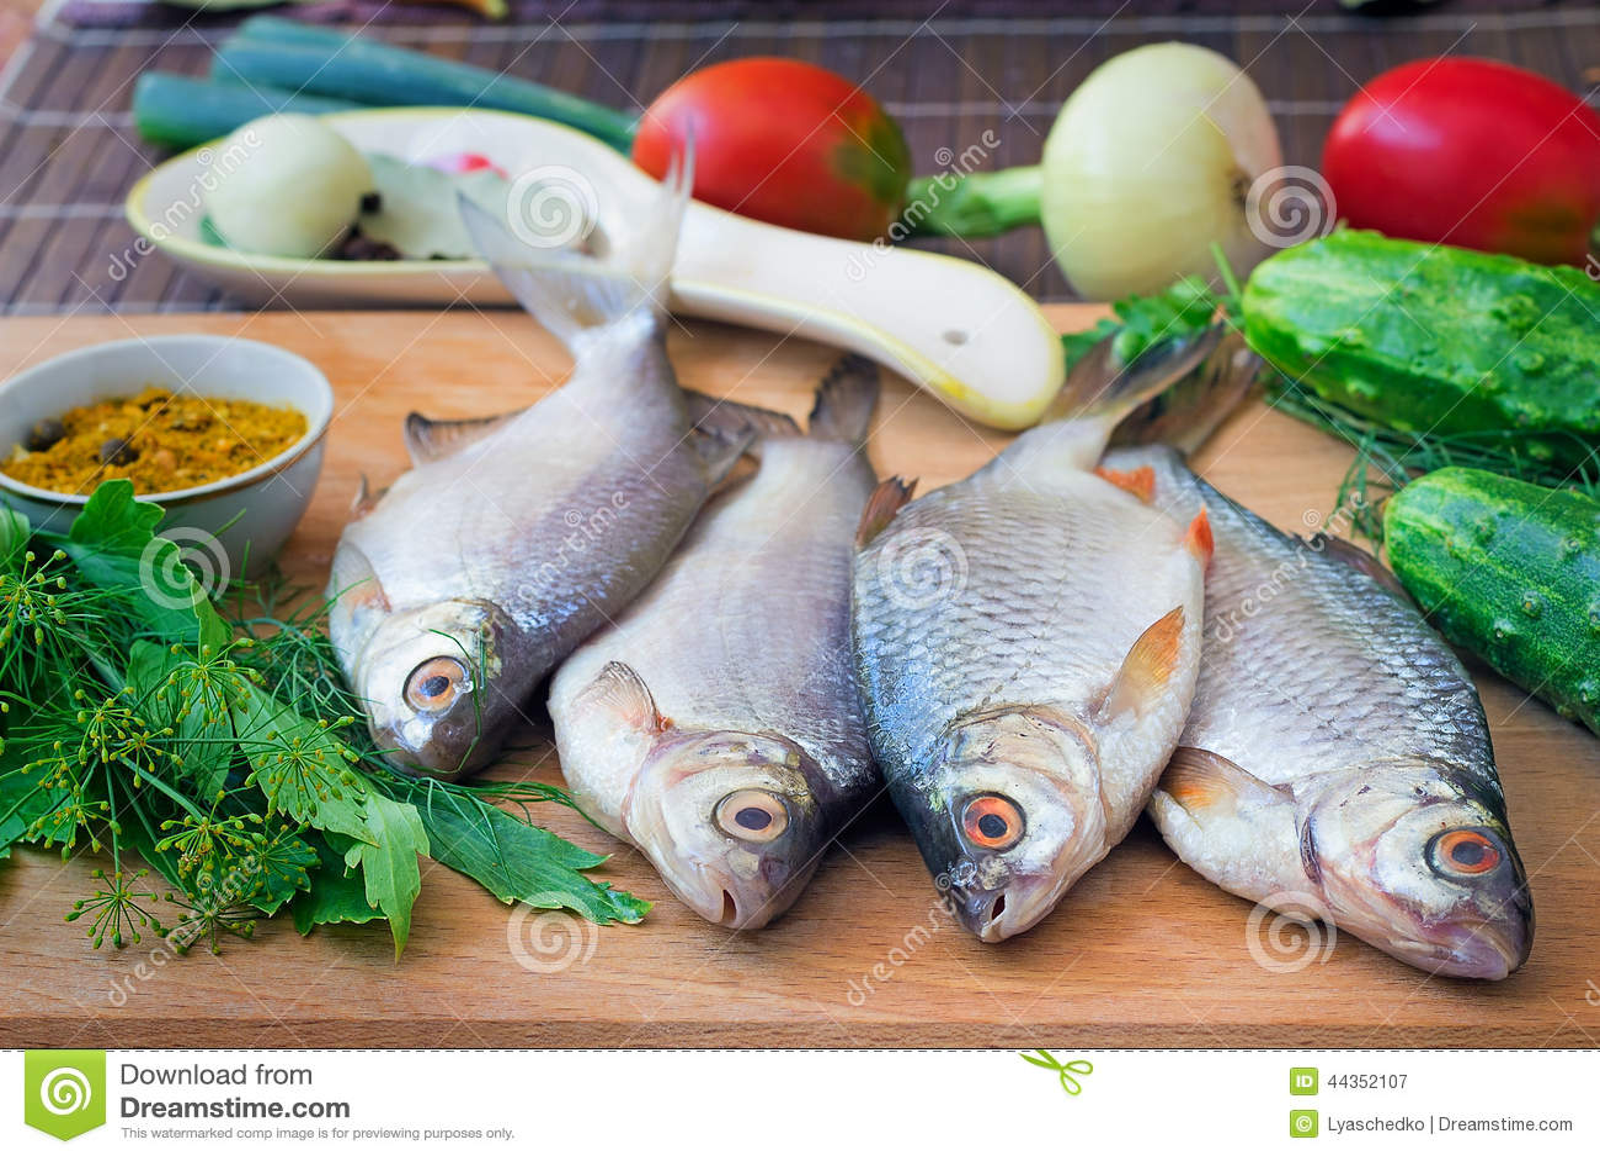 Pesce e componenti per la sua preparazione: verdure, spezie, parità